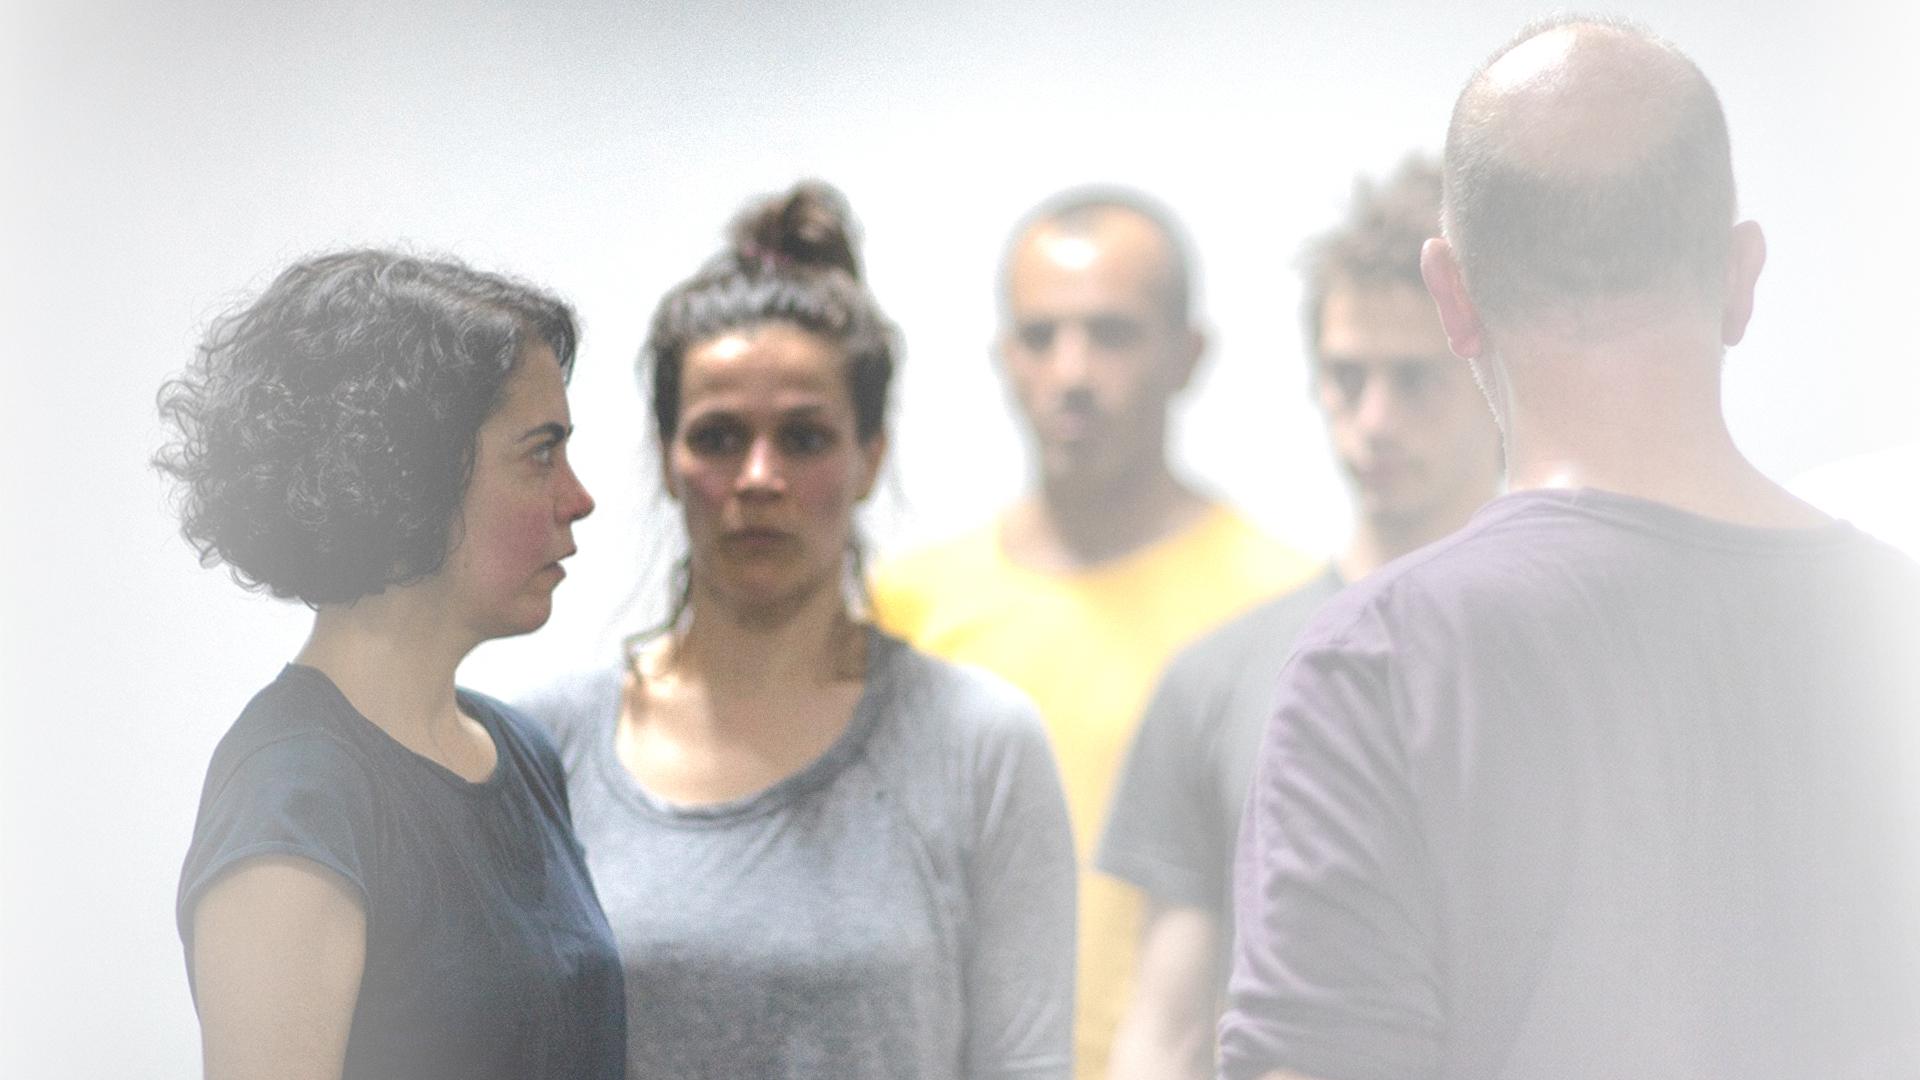 Forum Dança - Aulas Regulares - Laboratório Coreográfico - 2019/20